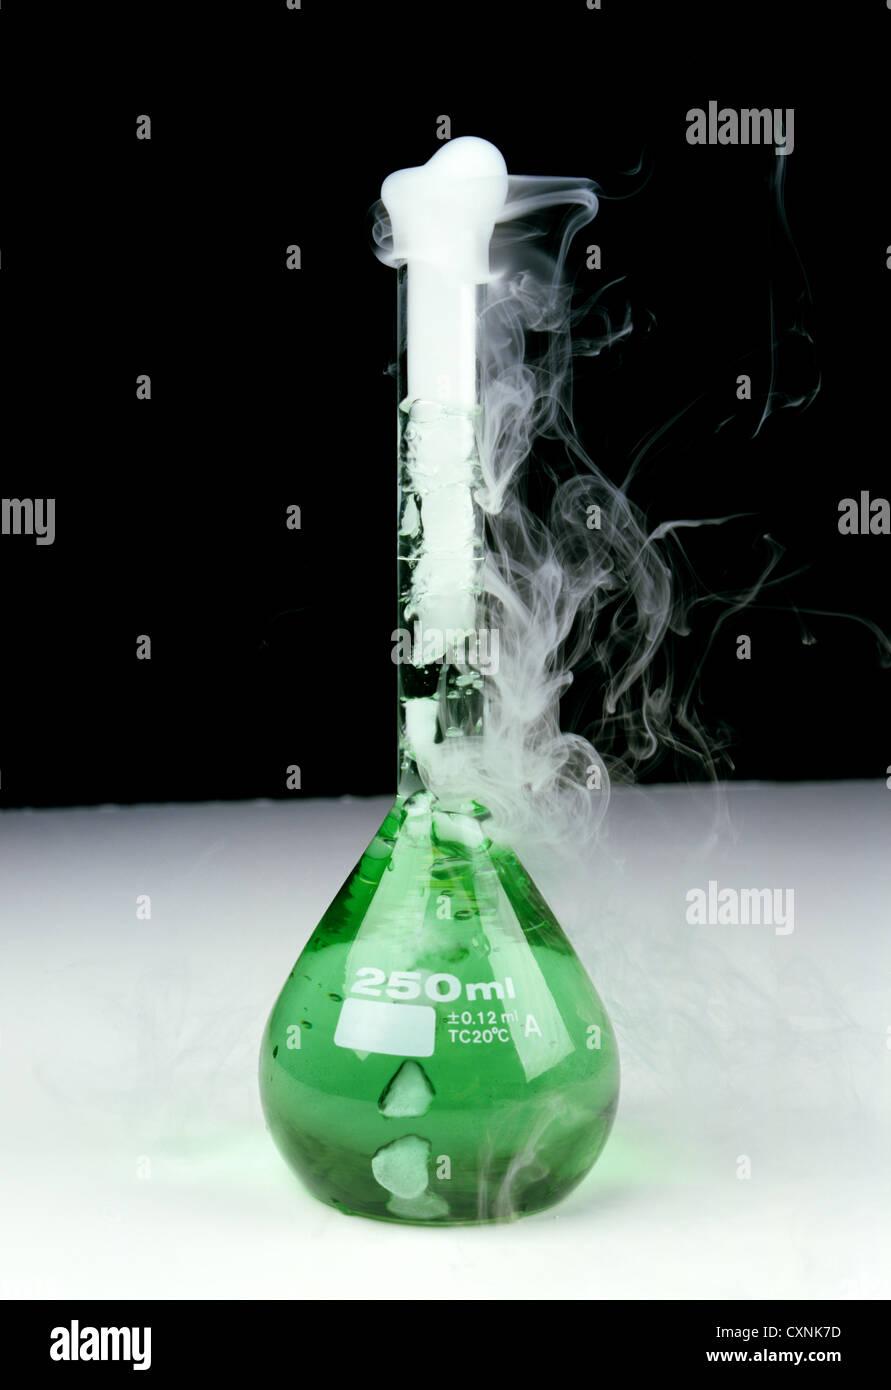 Una reacción química en un matraz aforado de 250 ml Foto de stock